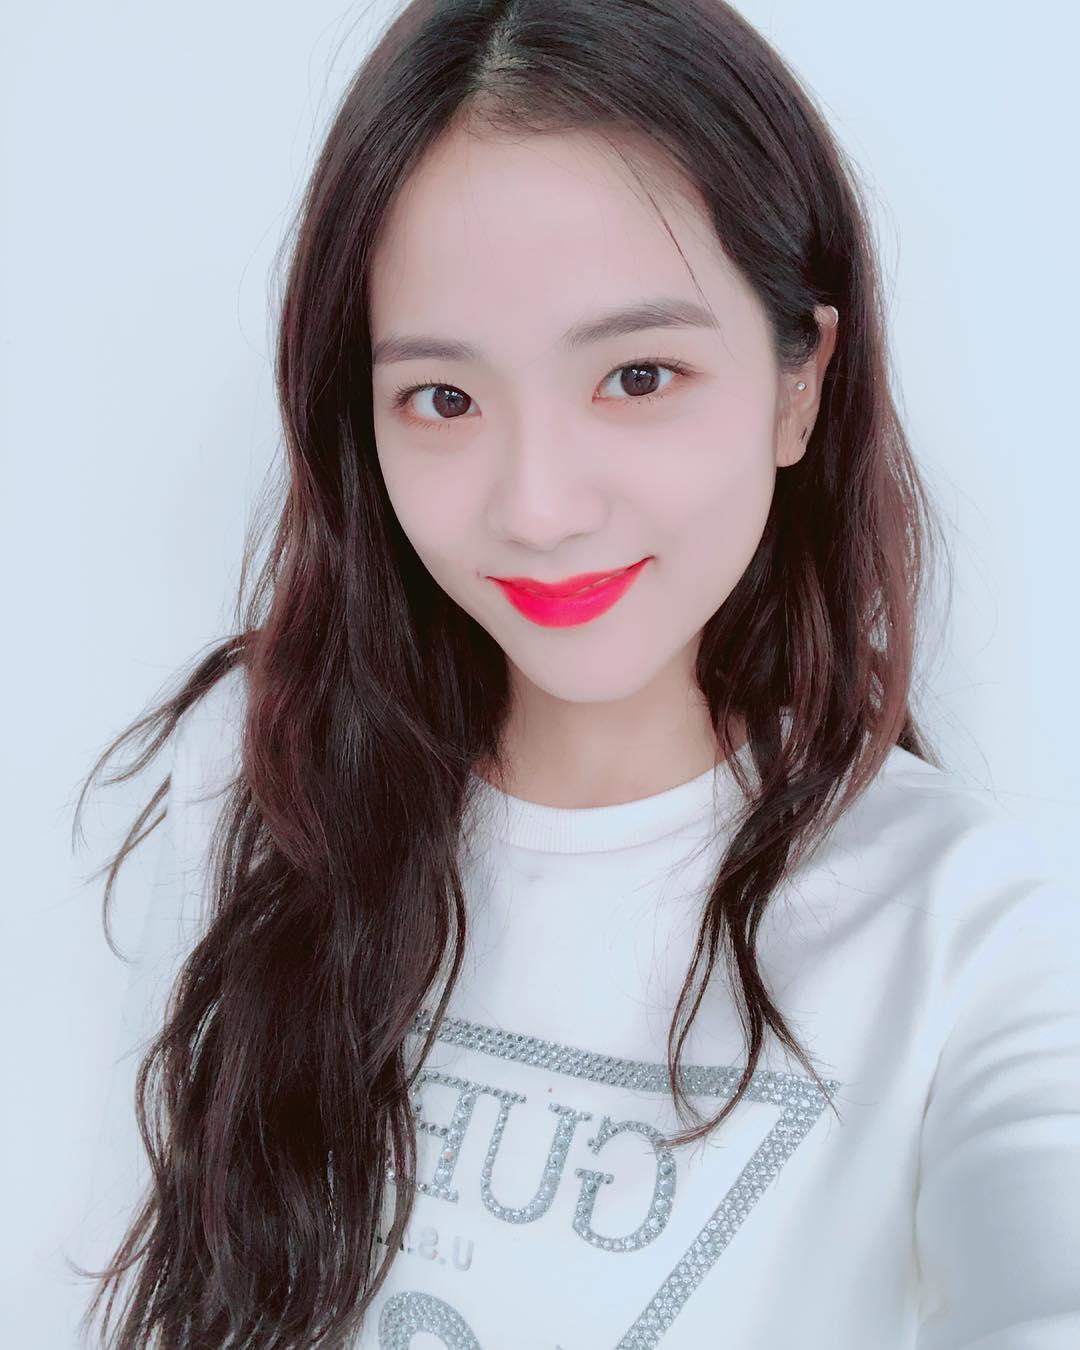 而最近韓國網友發現有一對高顏值同齡朋友誕生了! 其中一位主人公是BLACKPINK的JISOO。